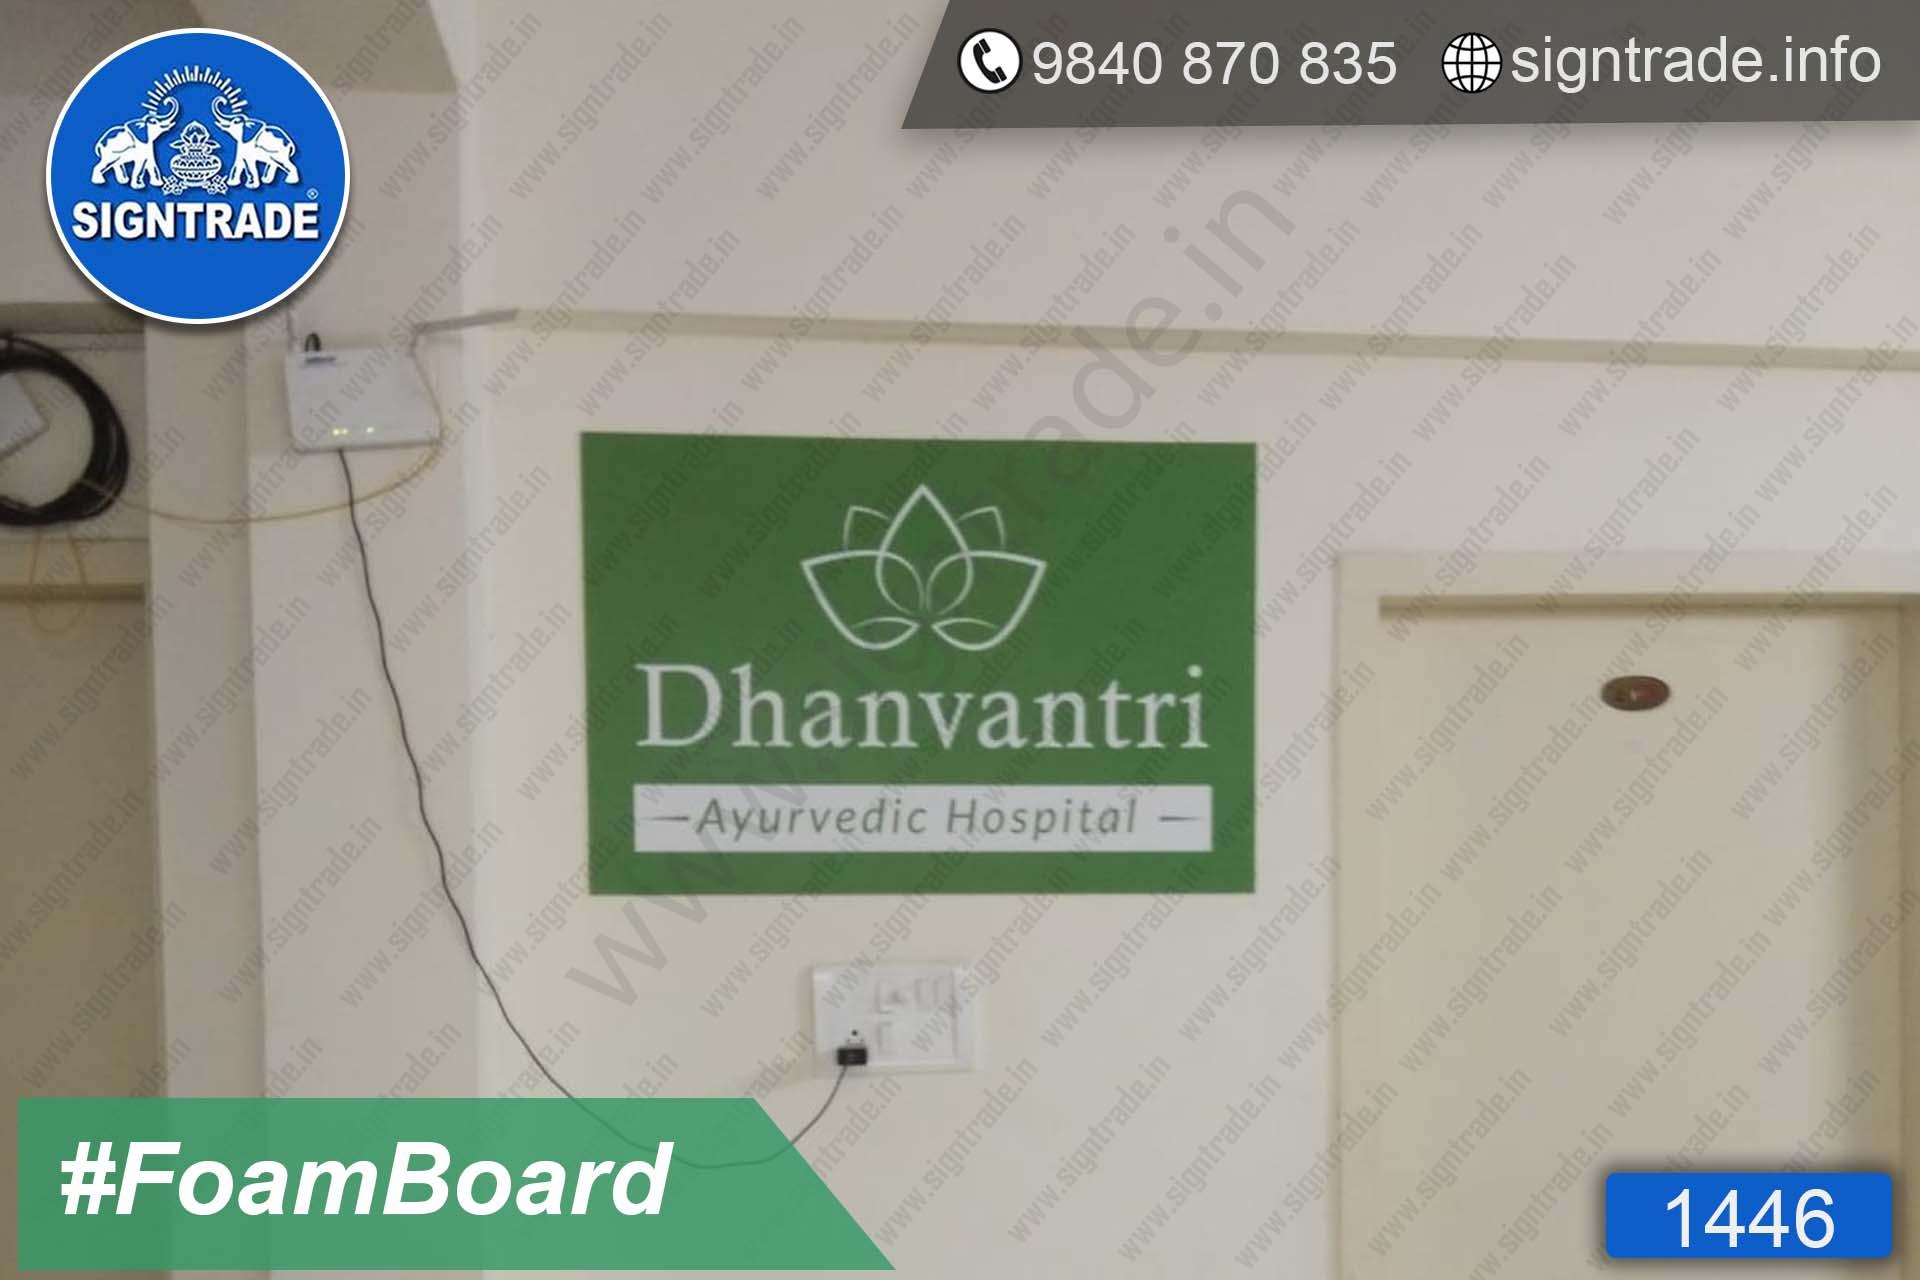 1446, Foam Board, Foam Name Board, Company Name Foam Board